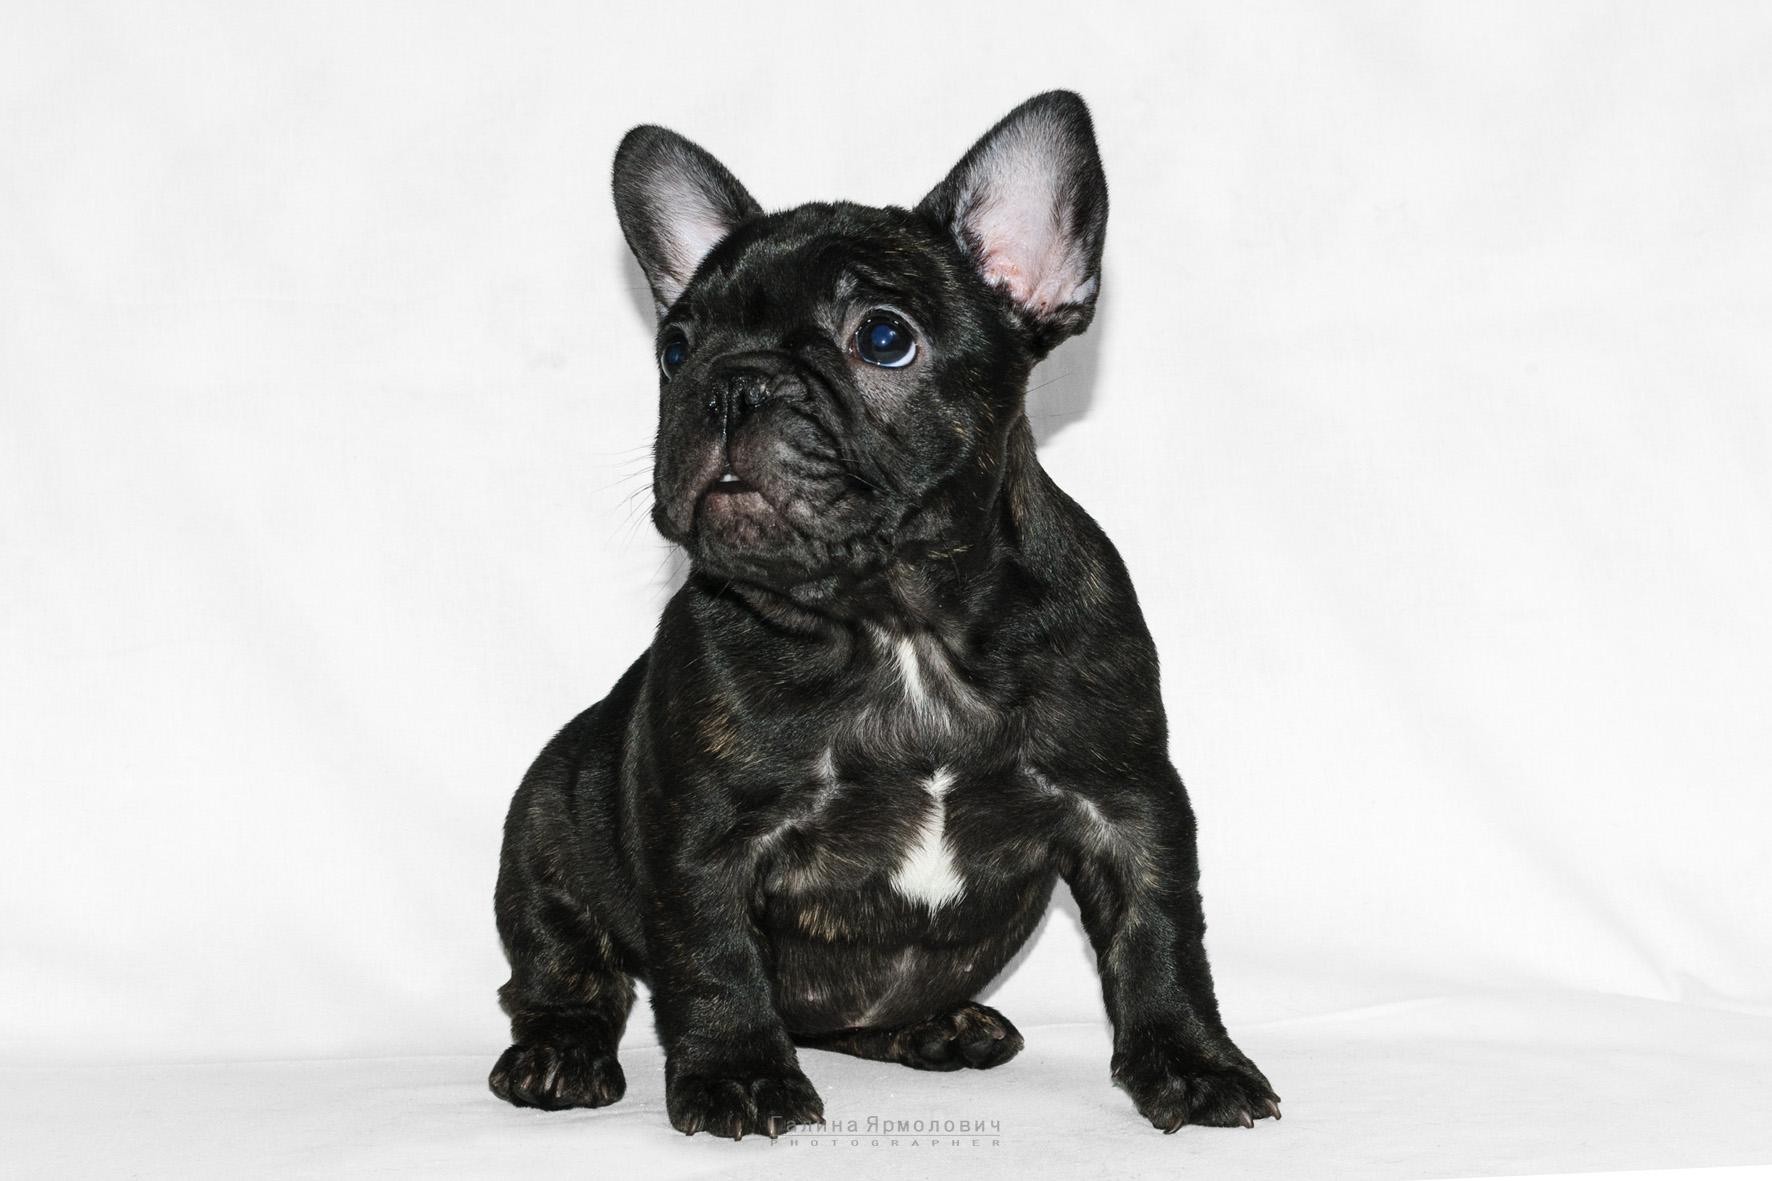 бланк договор купли-продажи щенка собаки